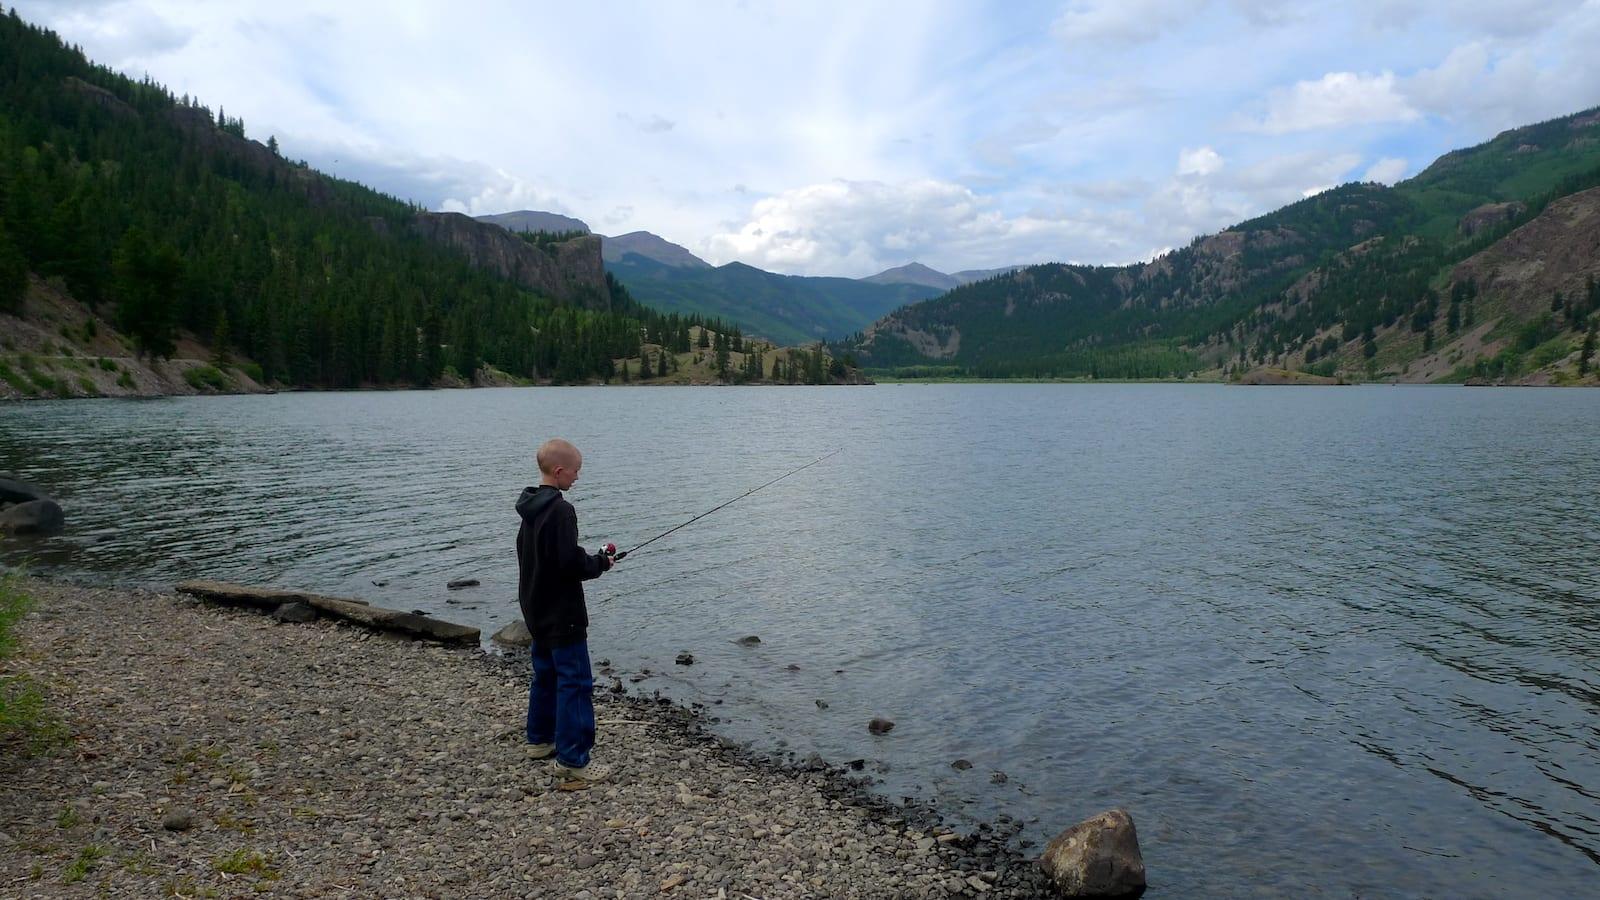 Lake San Cristobal Colorado Fishing